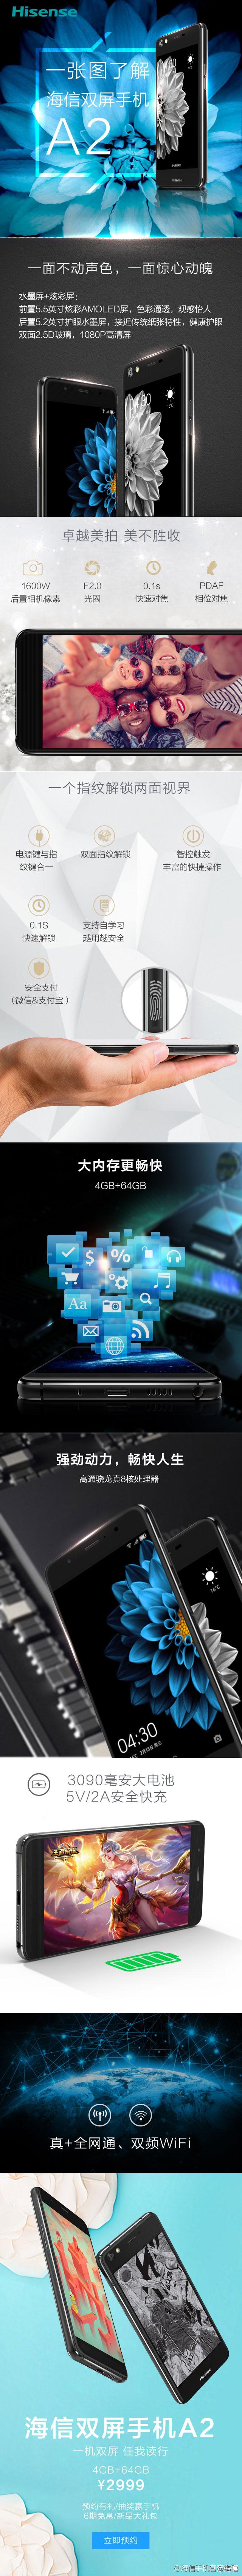 """#海信双屏手机A2# 两""""面""""生活,一张图了解!关注@海信 ,并转发,抽送5个随身WIFI! """